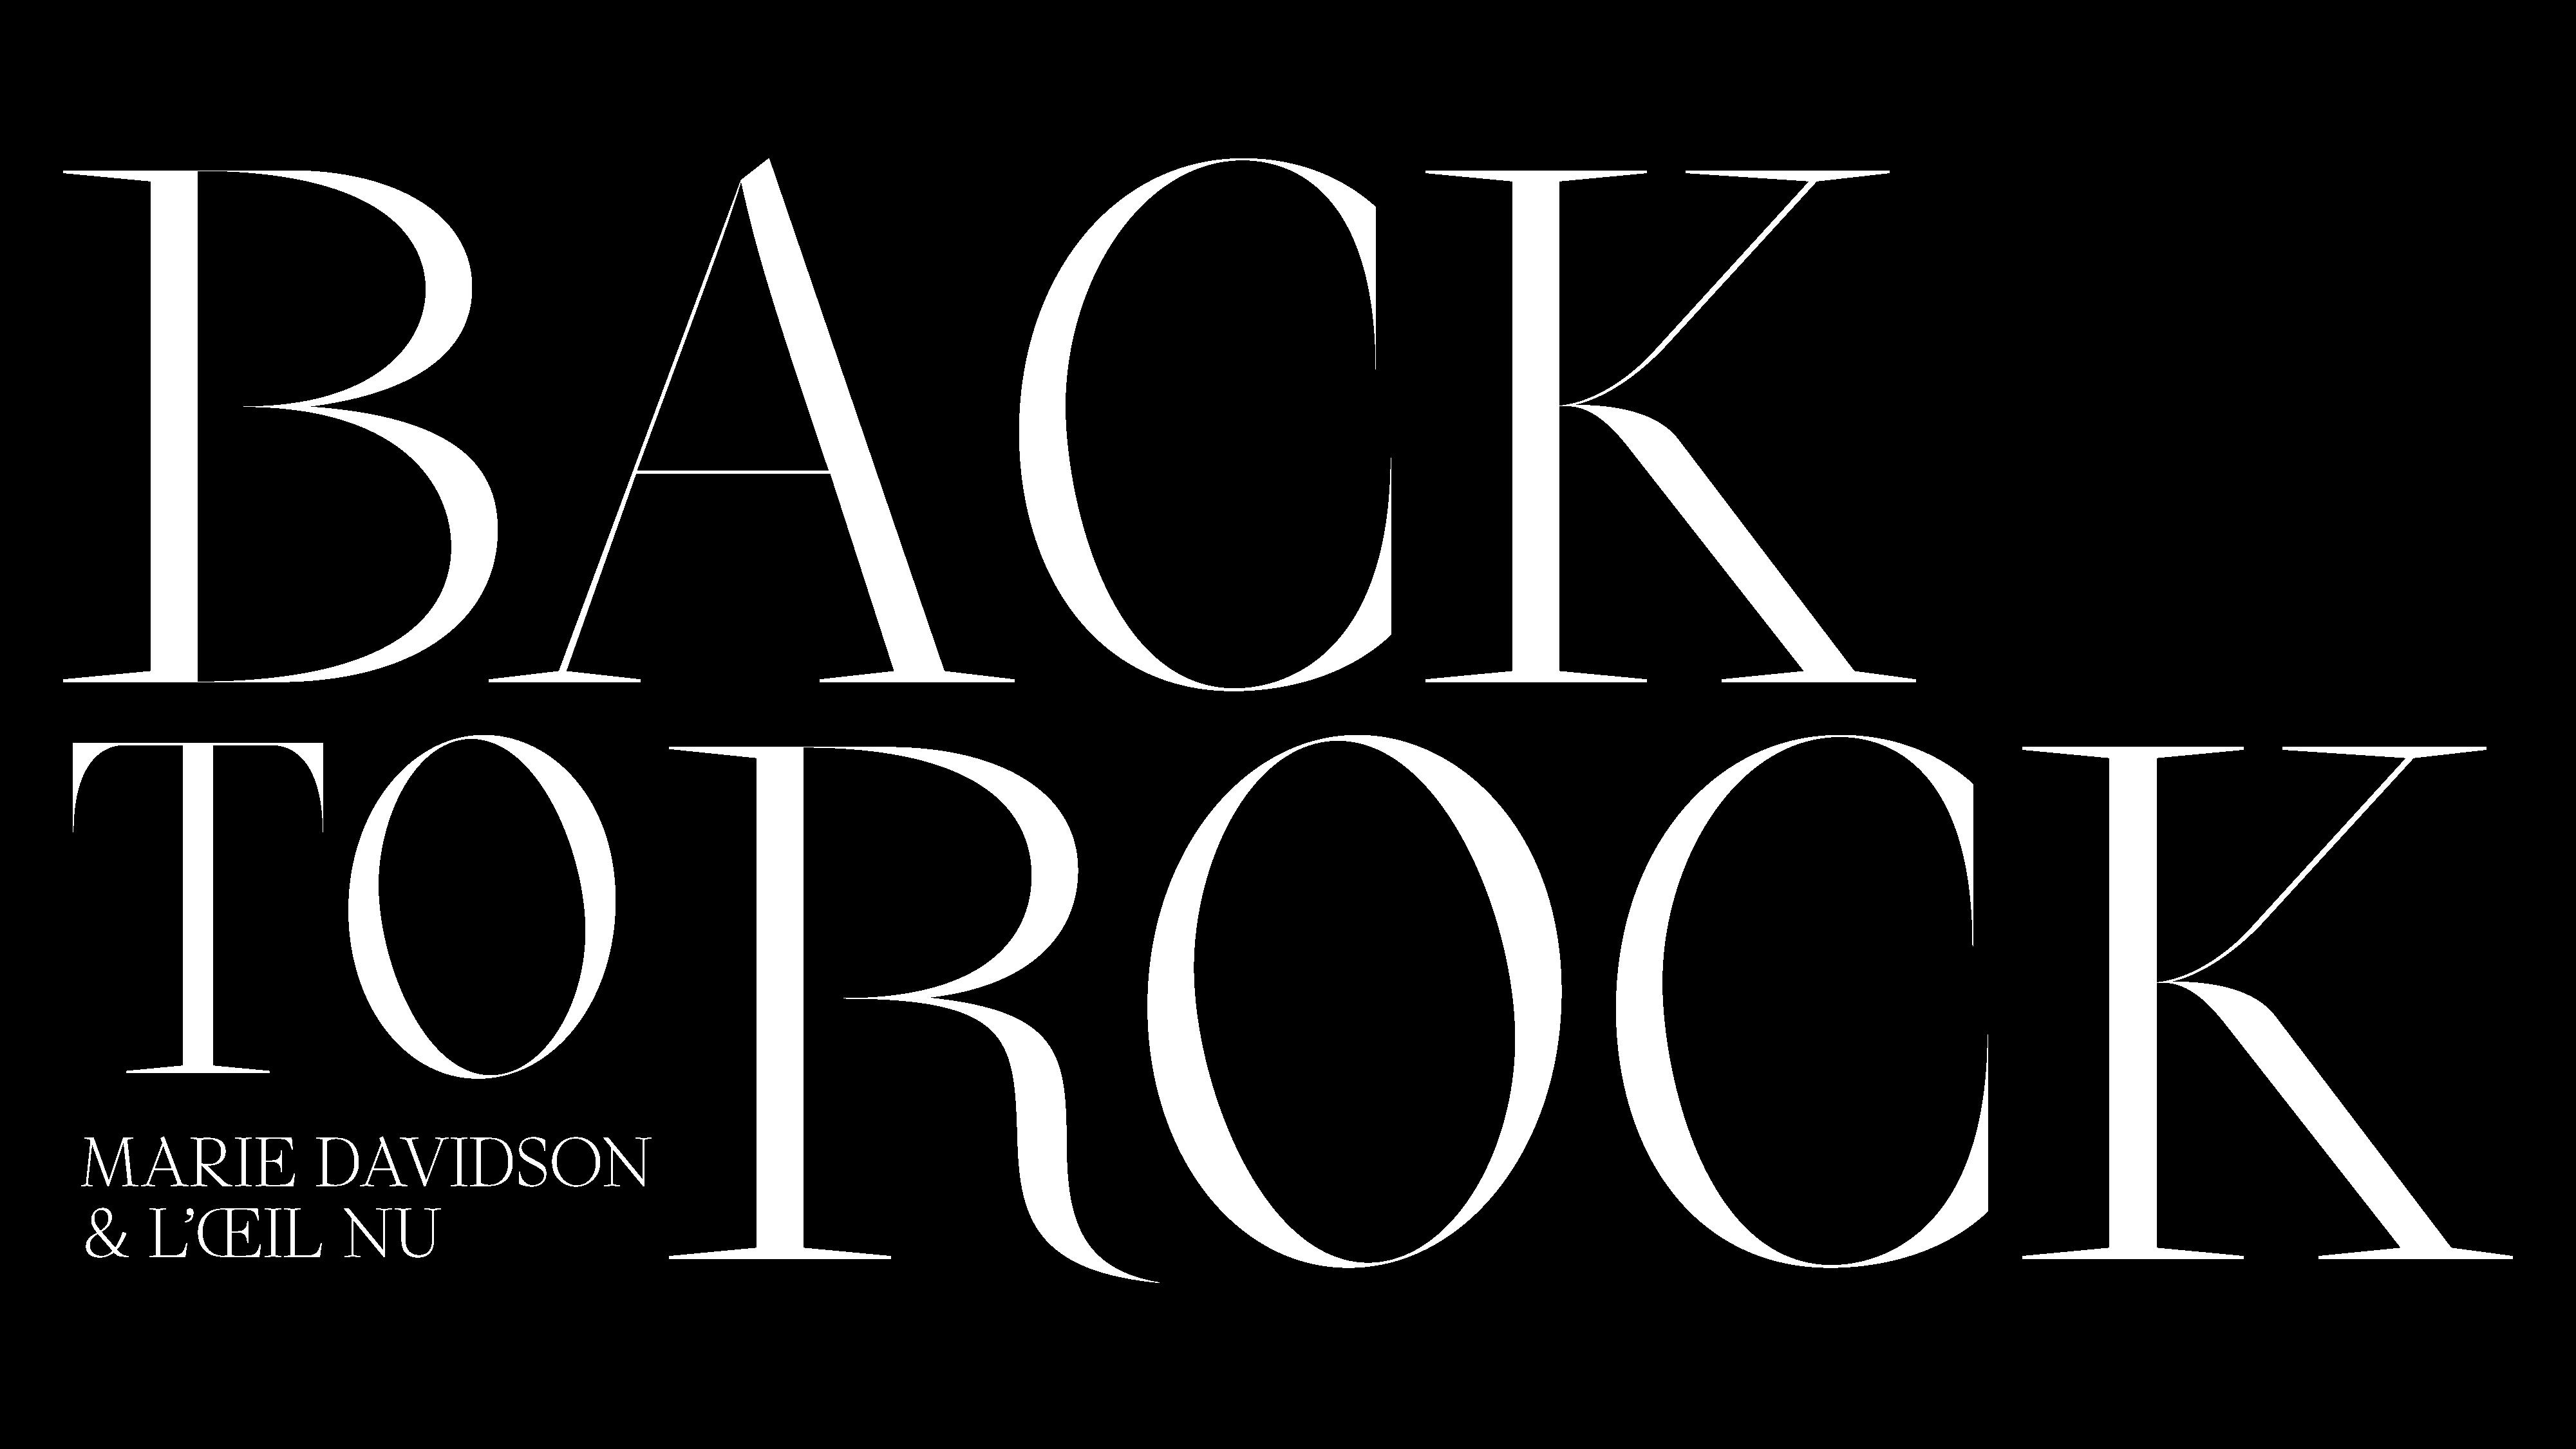 Back To Rock (Marie Davidson & L'Œil Nu)